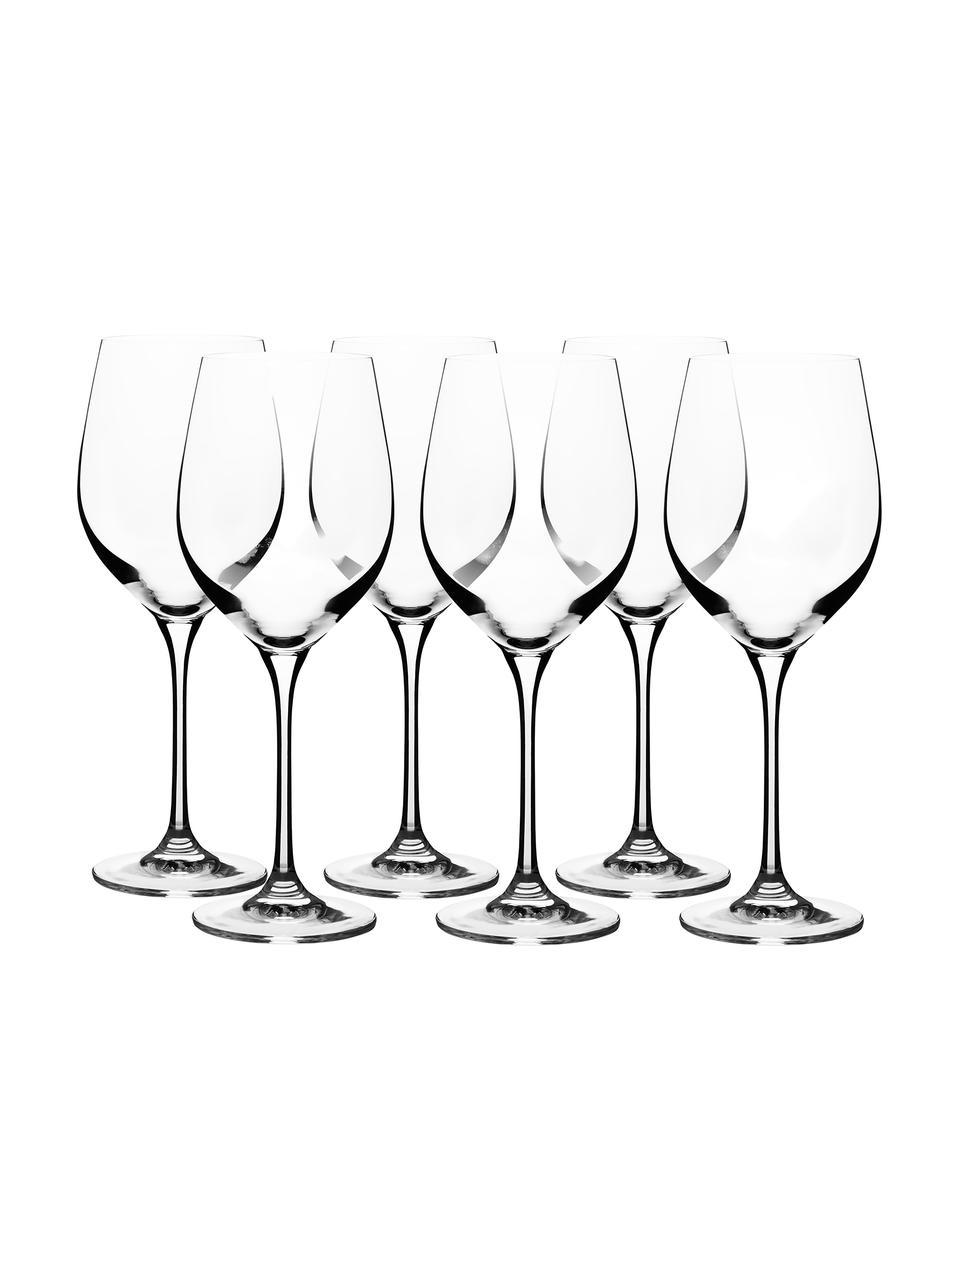 Kryształowy kieliszek do białego wina Harmony, 6 szt., Szkło kryształowe o najwyższym połysku, szczególnie widocznym poprzez odbijanie światła Magiczny blask sprawia, że każdy łyk wina jest wyjątkowym doznaniem, Transparentny, Ø 9 x W 22 cm